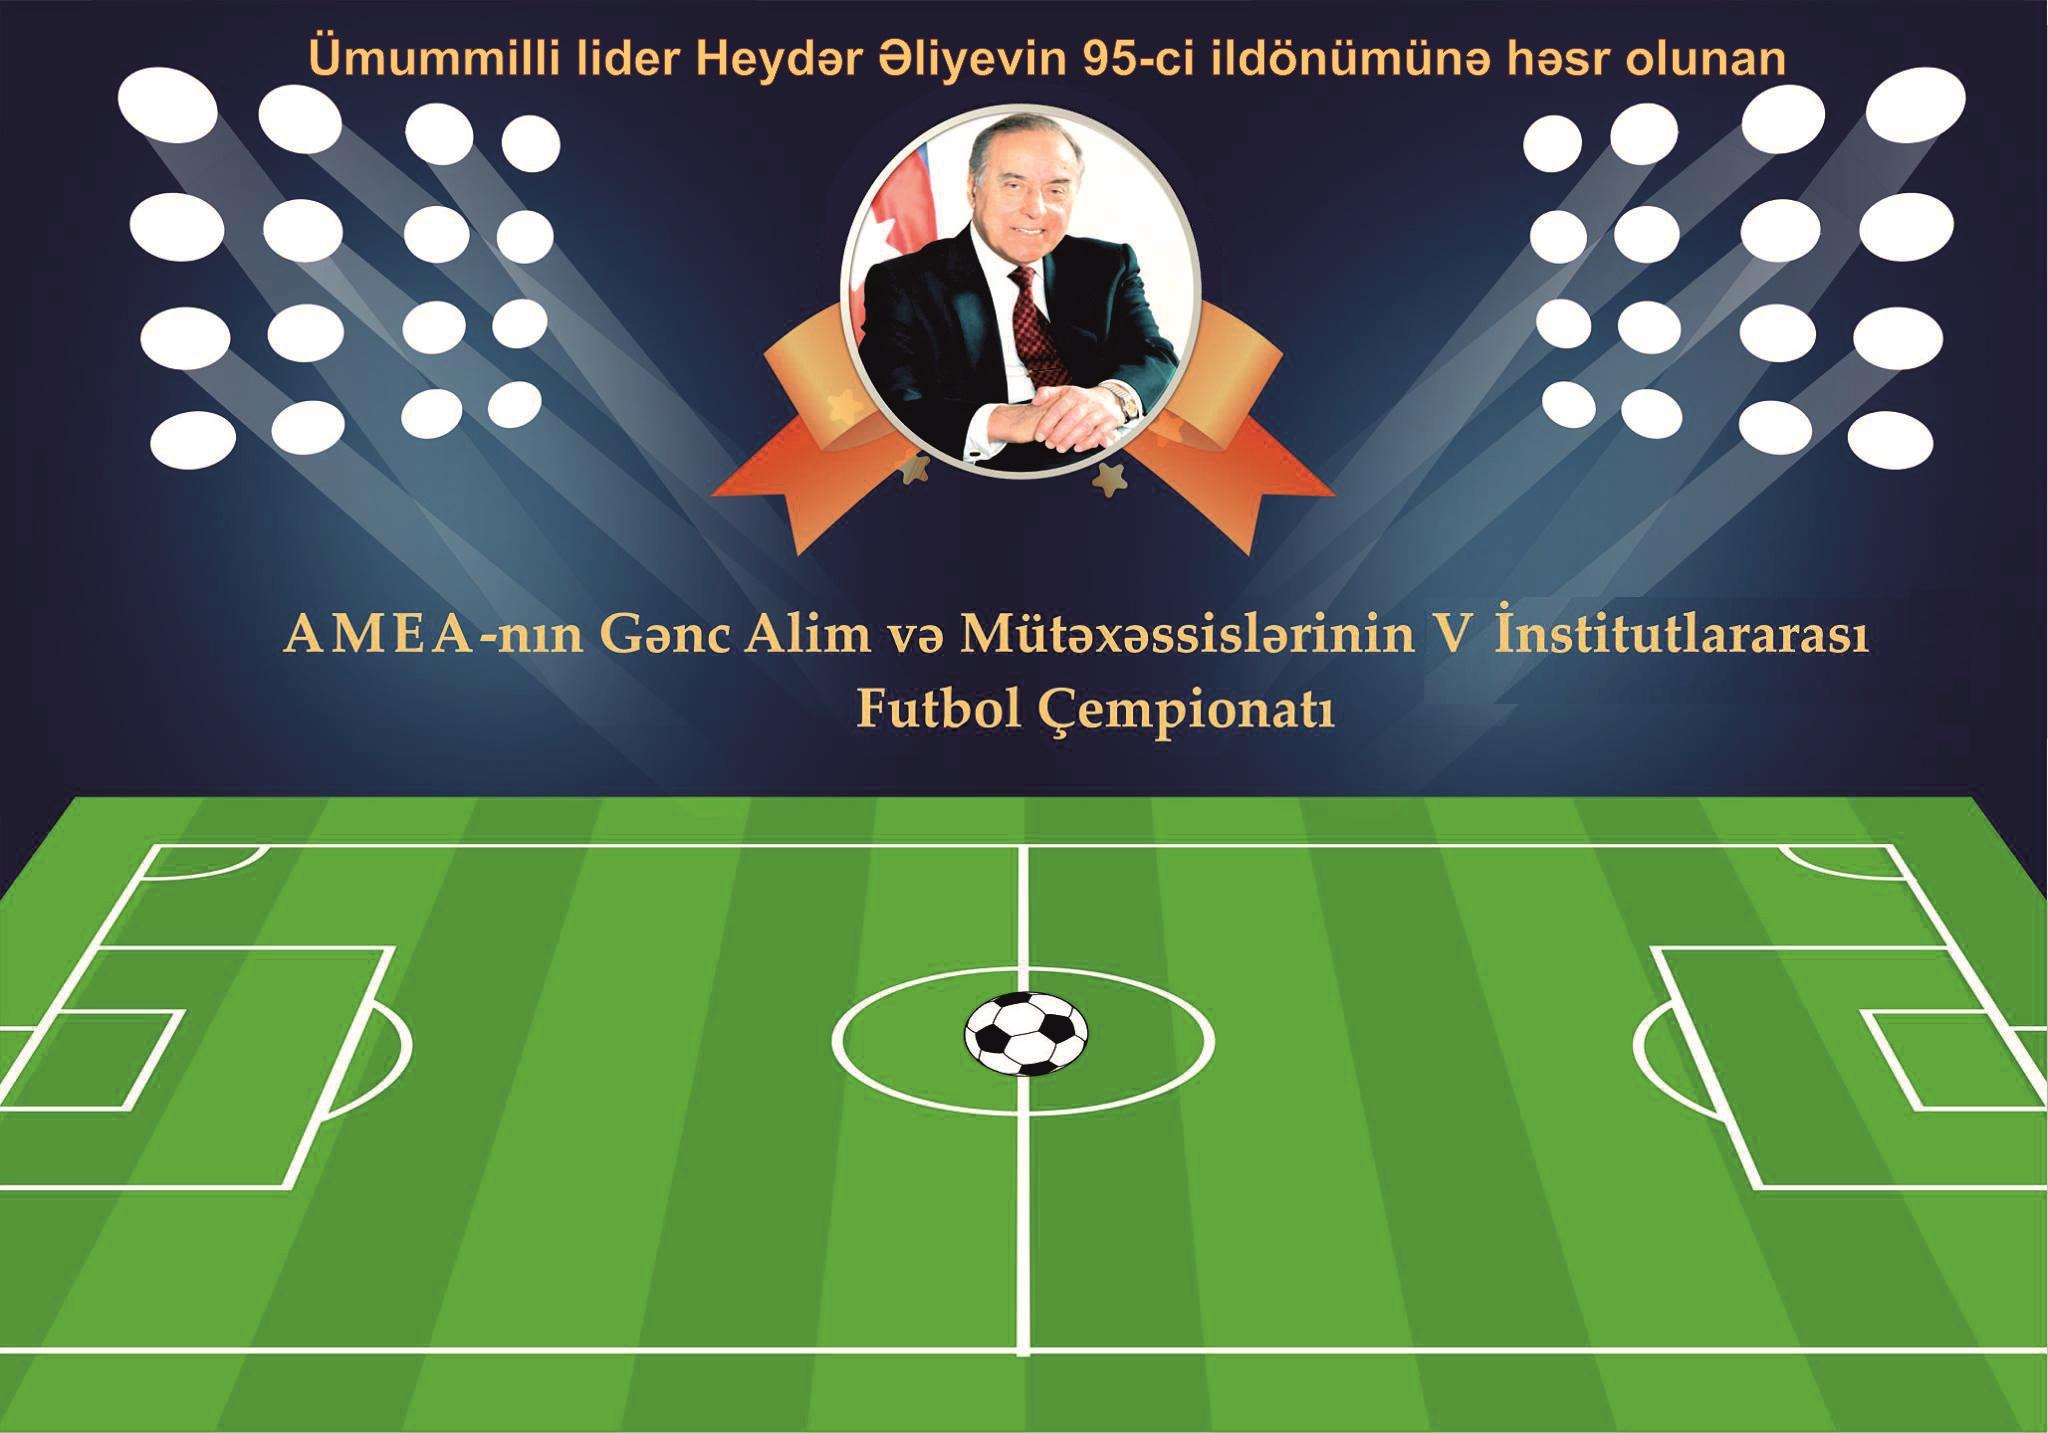 AMEA gənc alim və mütəxəssislərin institutlararası V futbol çempionatında qrup mərhələsini keçən 8 komanda məlum oldu